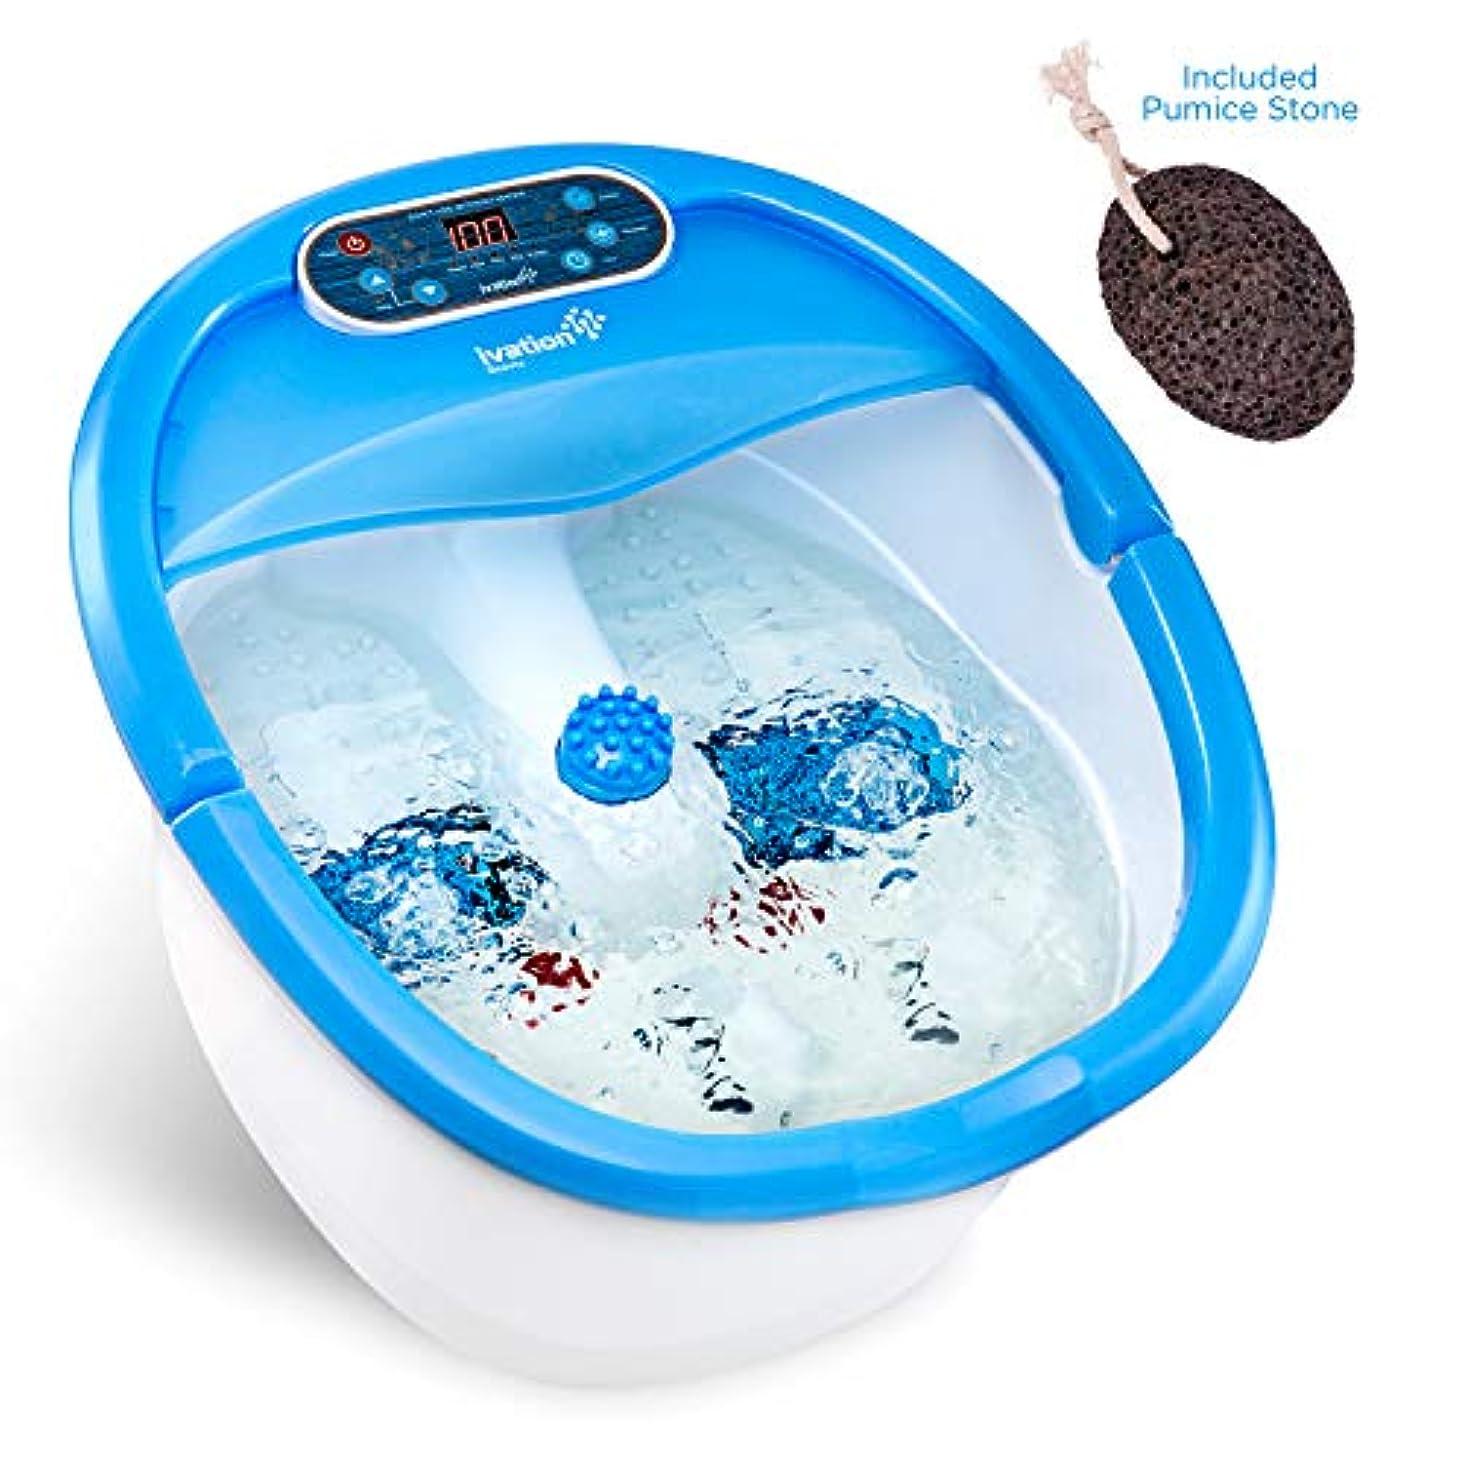 少ないフラップシーボードフォットスパ マッサージャー Ivation Foot Spa Massager - Heated Bath, Automatic Massage Rollers, Vibration, Bubbles, Digital...